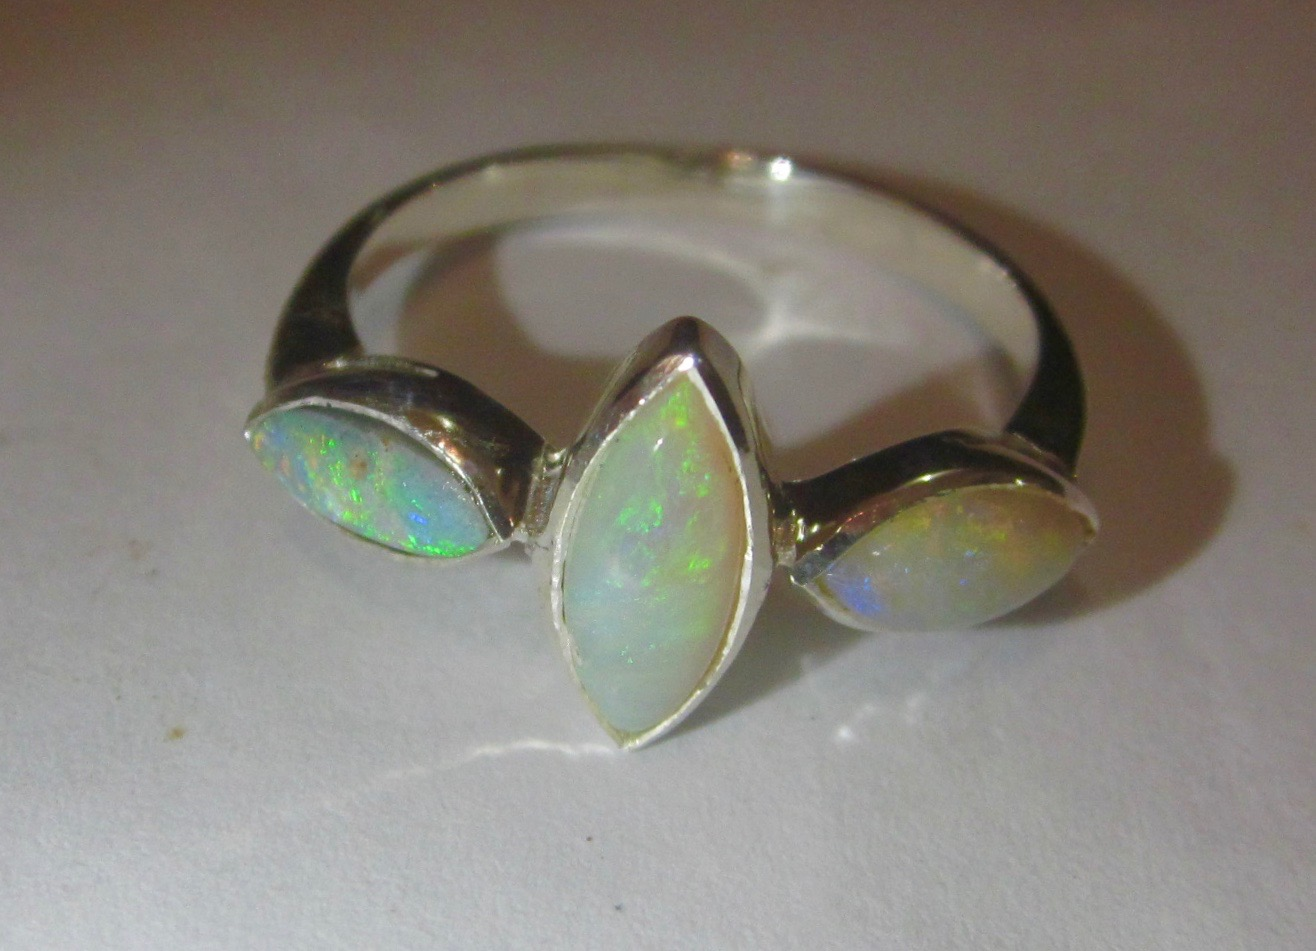 opal rings, october gemstone rings,october birthstone rings,october birthstone,opal ring,october gemstone ring,ring, october rings, october jewellery, october birth stone